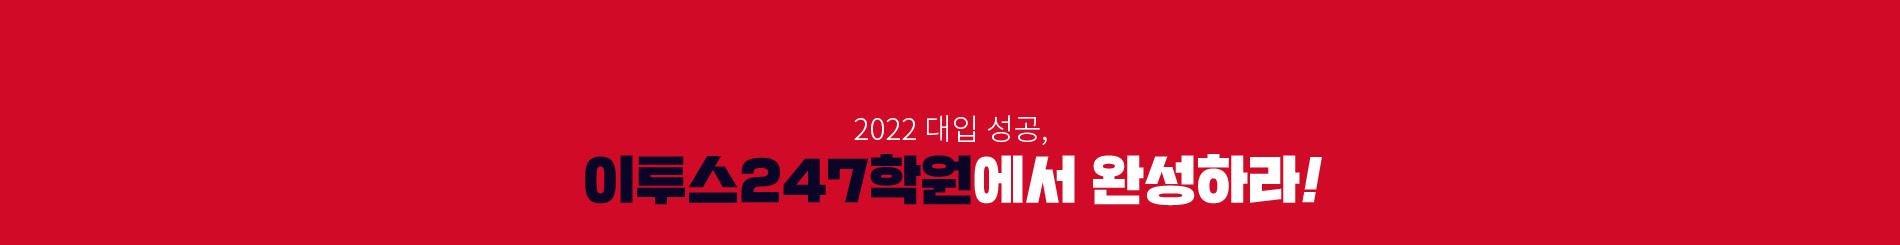 이투스247학원에서 완성하라